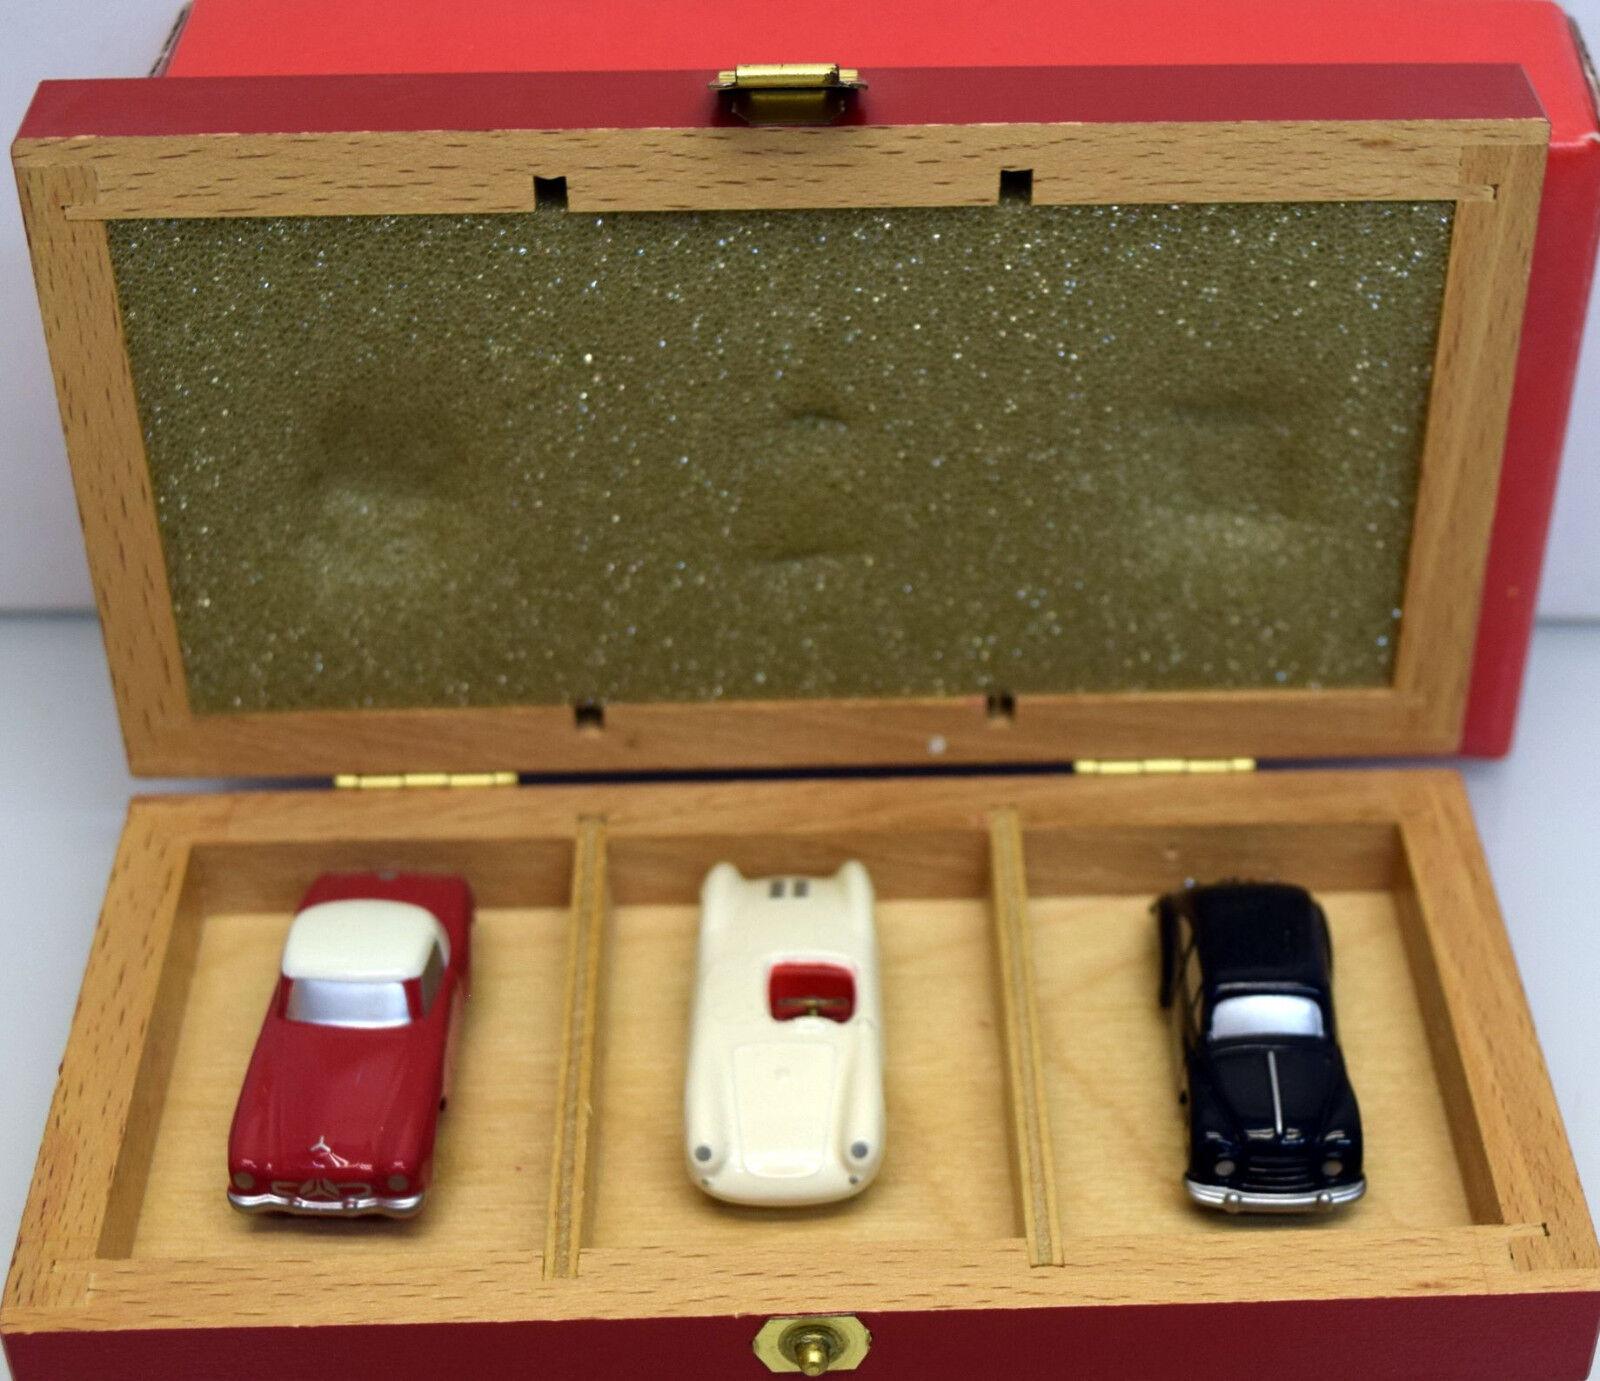 Schuco Piccolo 1 90 01195 SCHUCO PICCOLO SET 1997 avec 3 voitures particulières Modèles